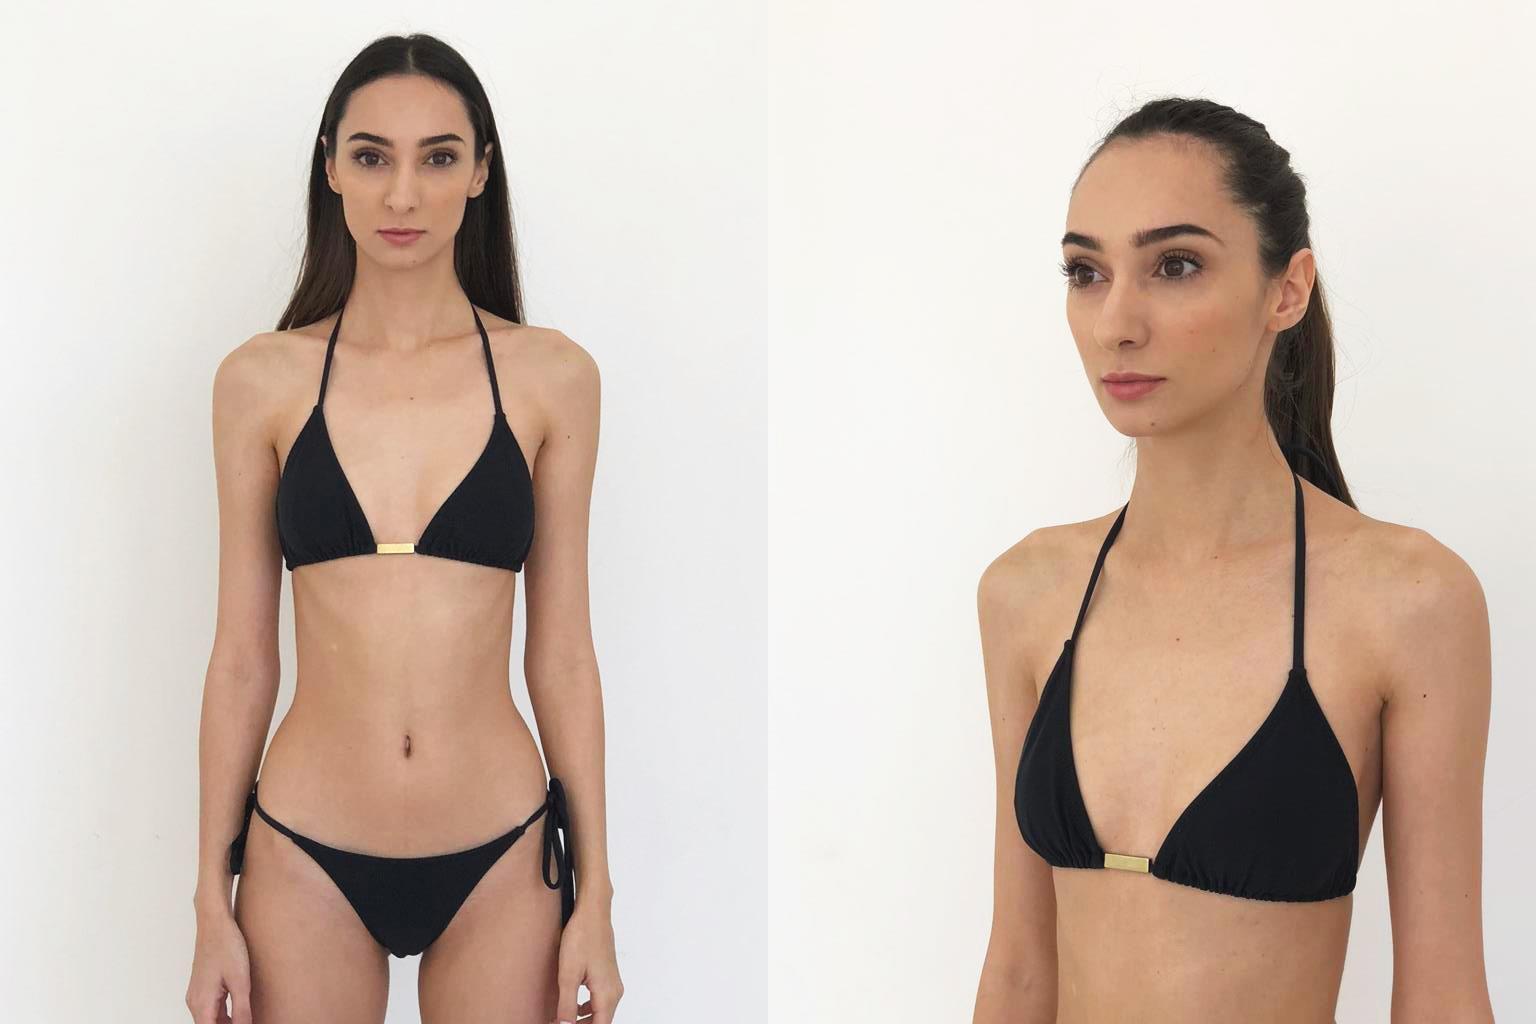 Fotos polaroids, modelo Carol Lagamba (eu)